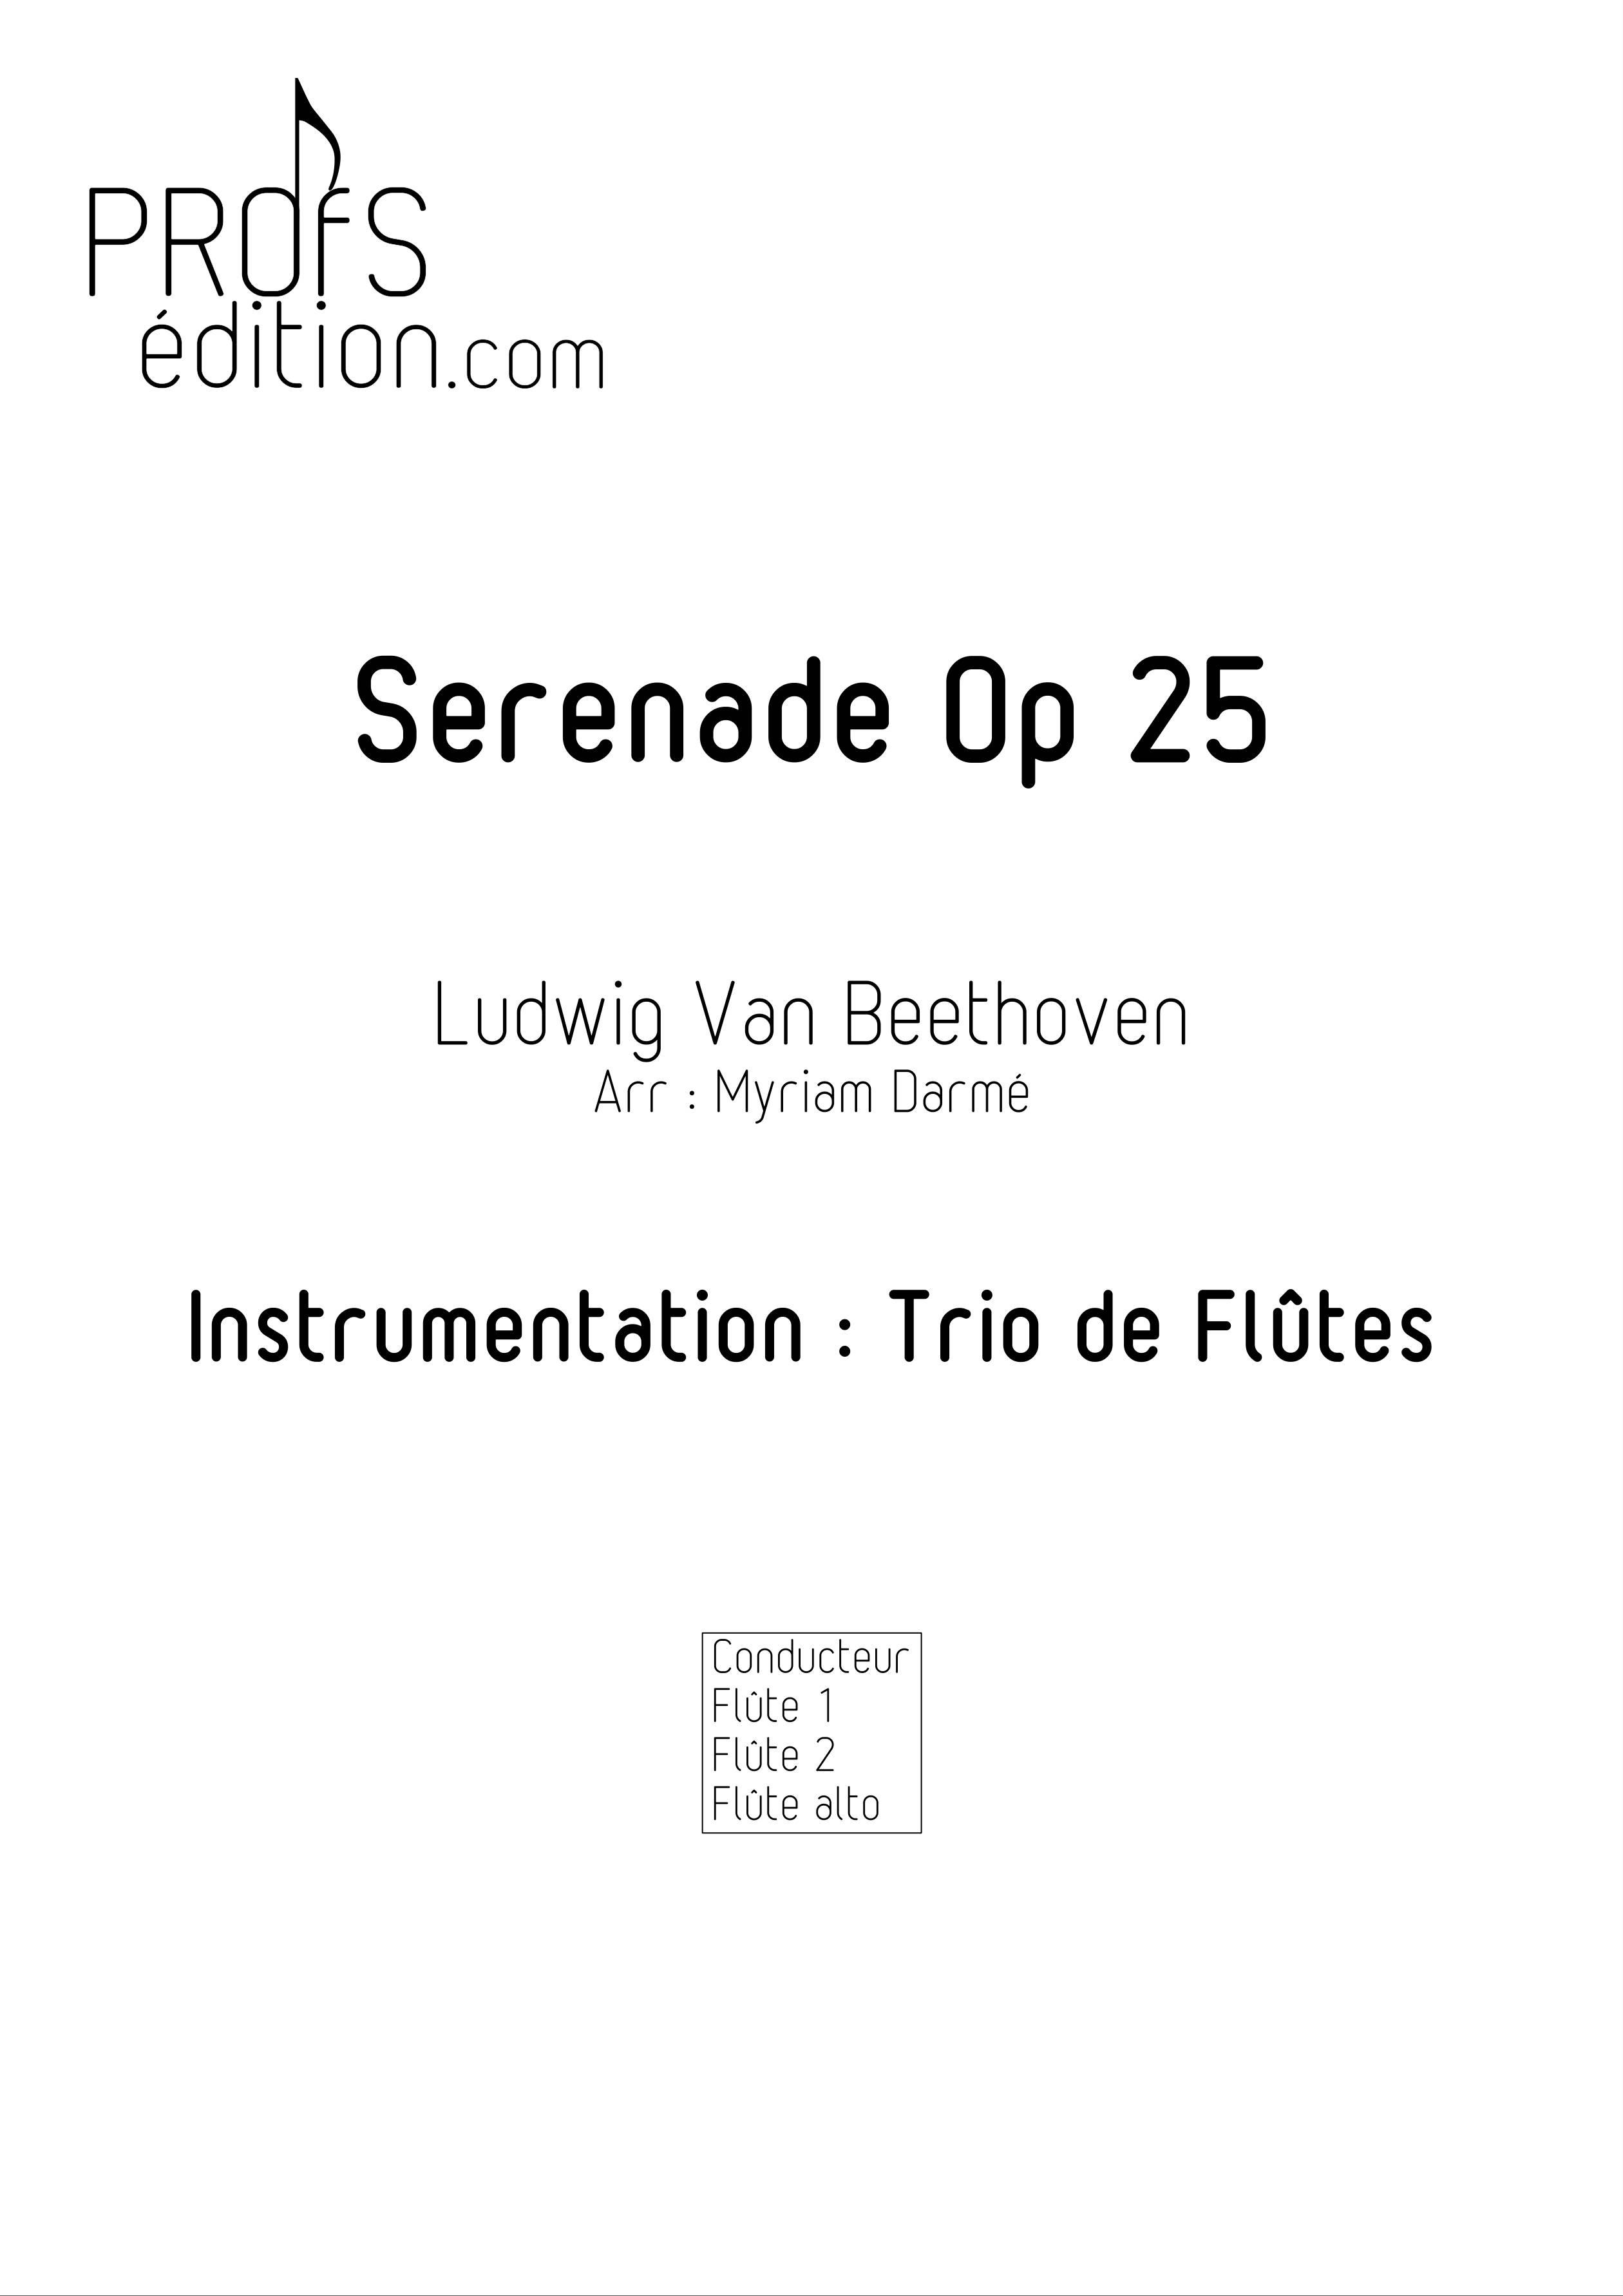 Serenade Op 25 - Trio de Flûtes - BEETHOVEN L. V. - front page